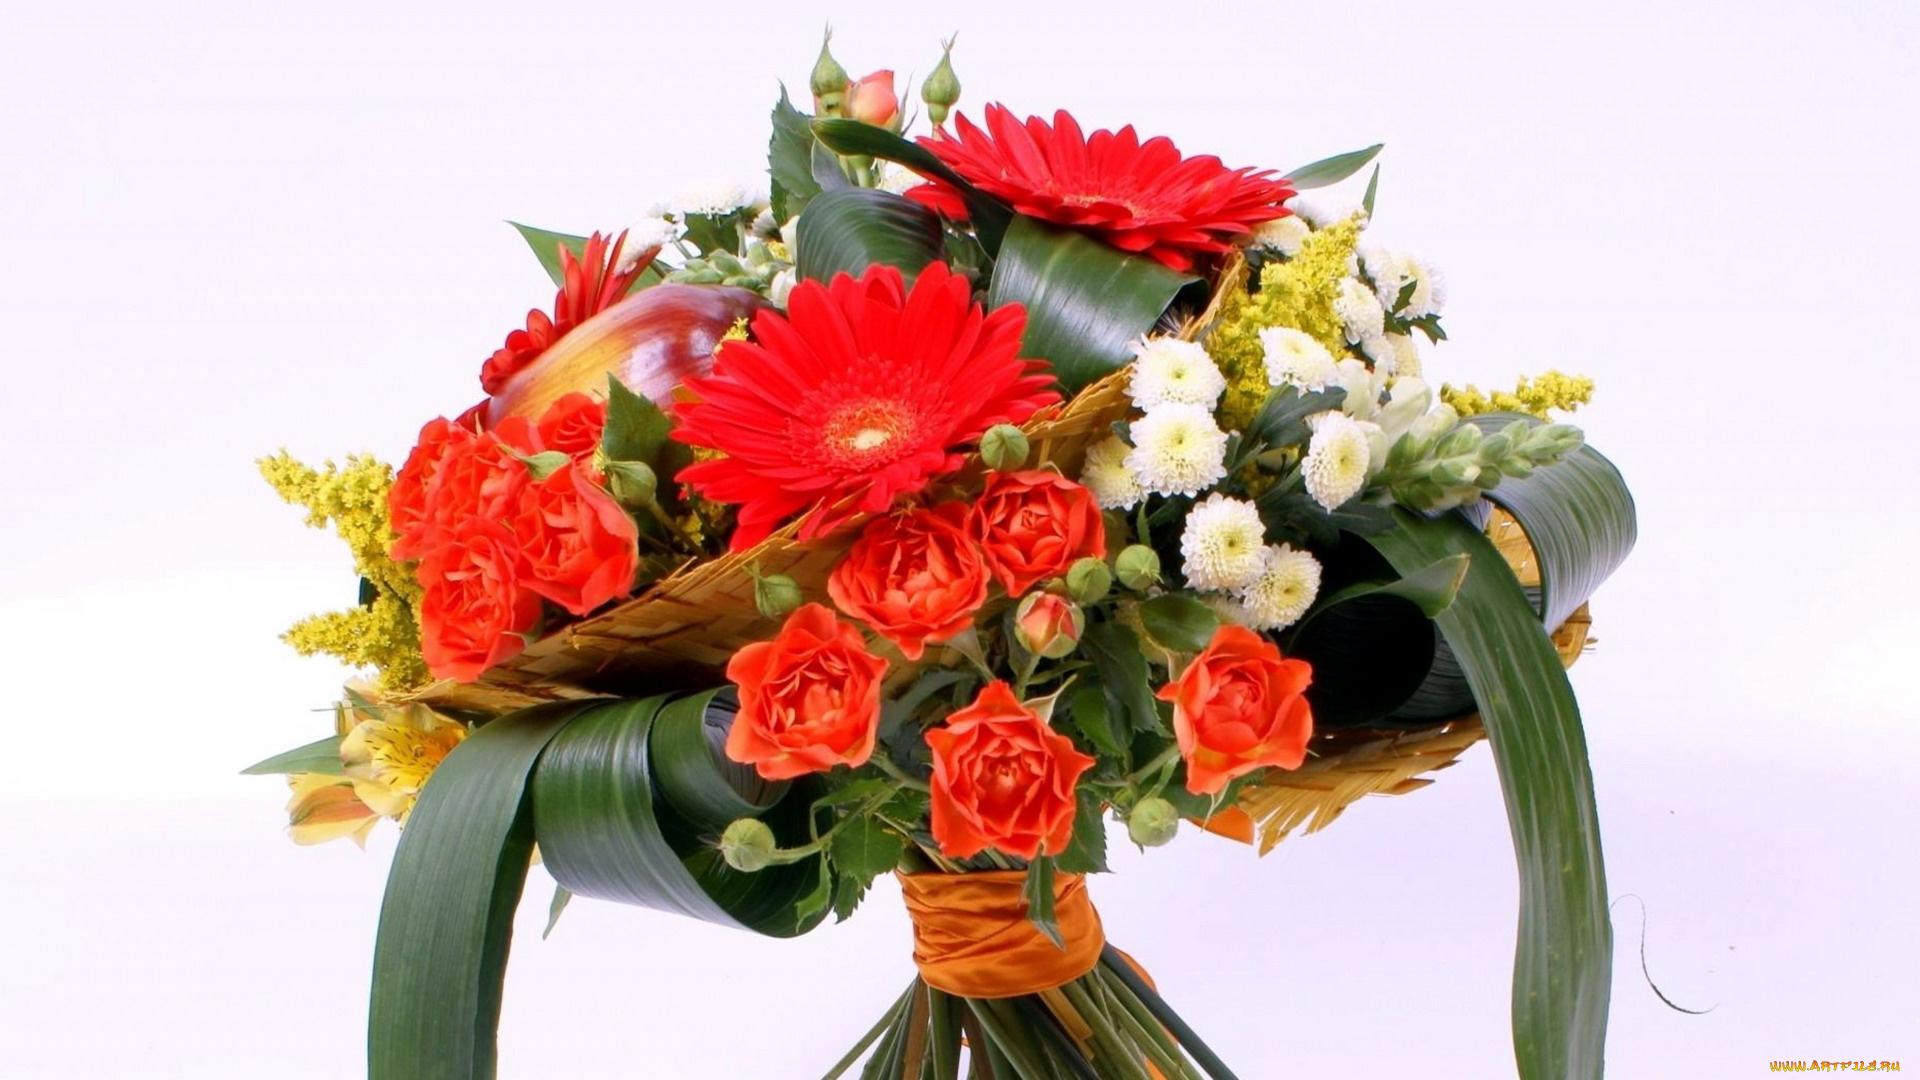 Картинки с цветами гладиолусов хризантем и герберов роз, картинка